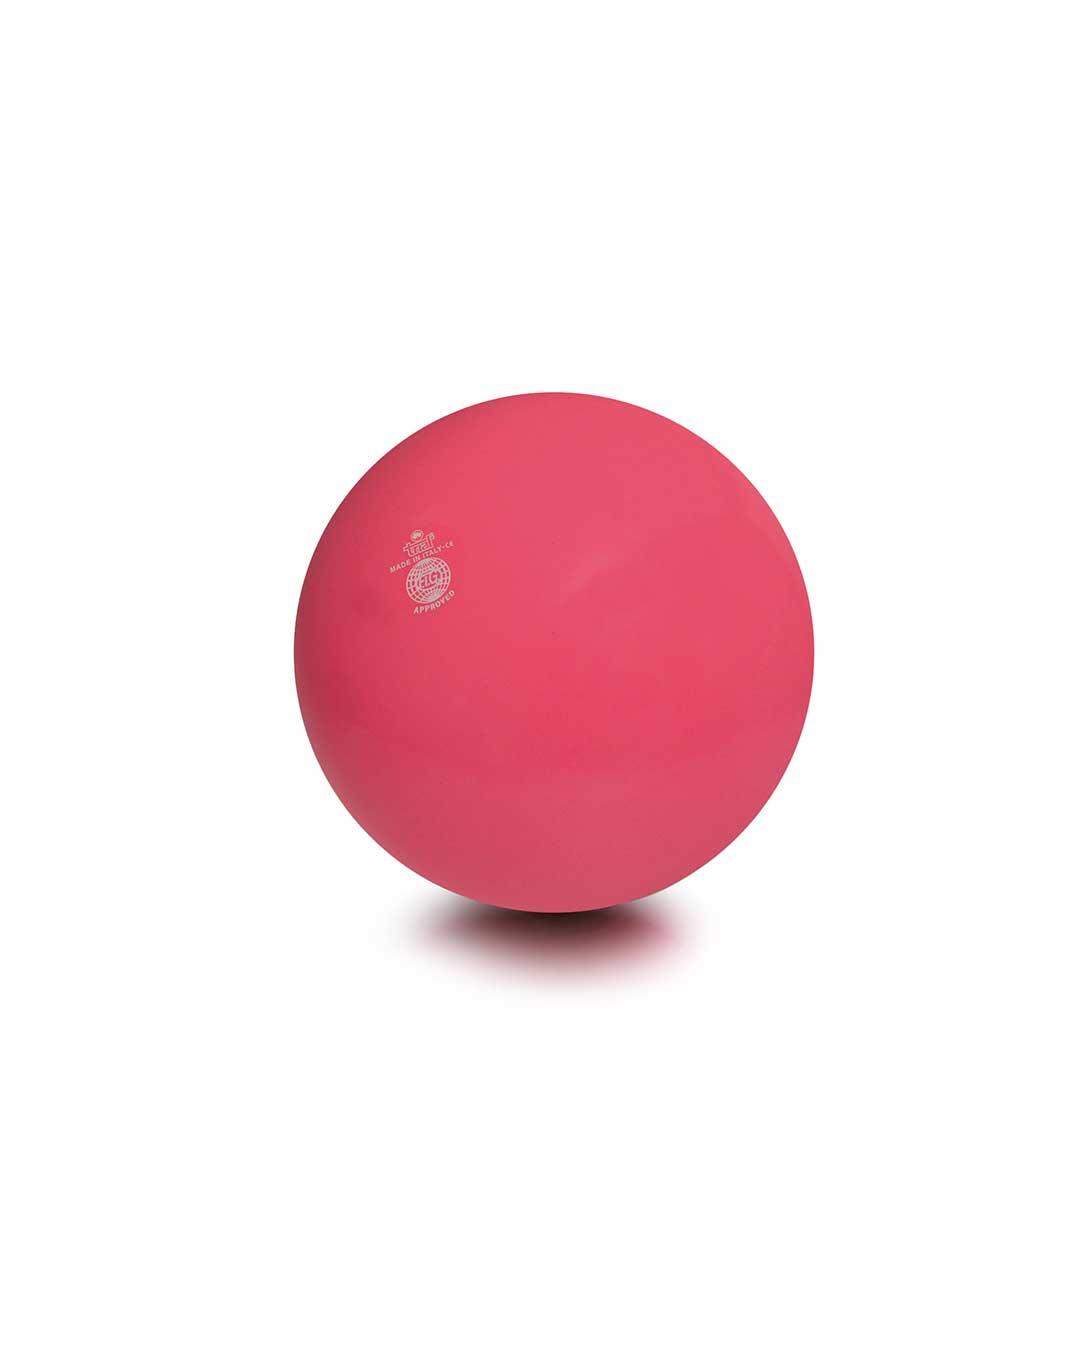 Balón liso de gimnasia rítmica TRIAL 42 rosado Chile